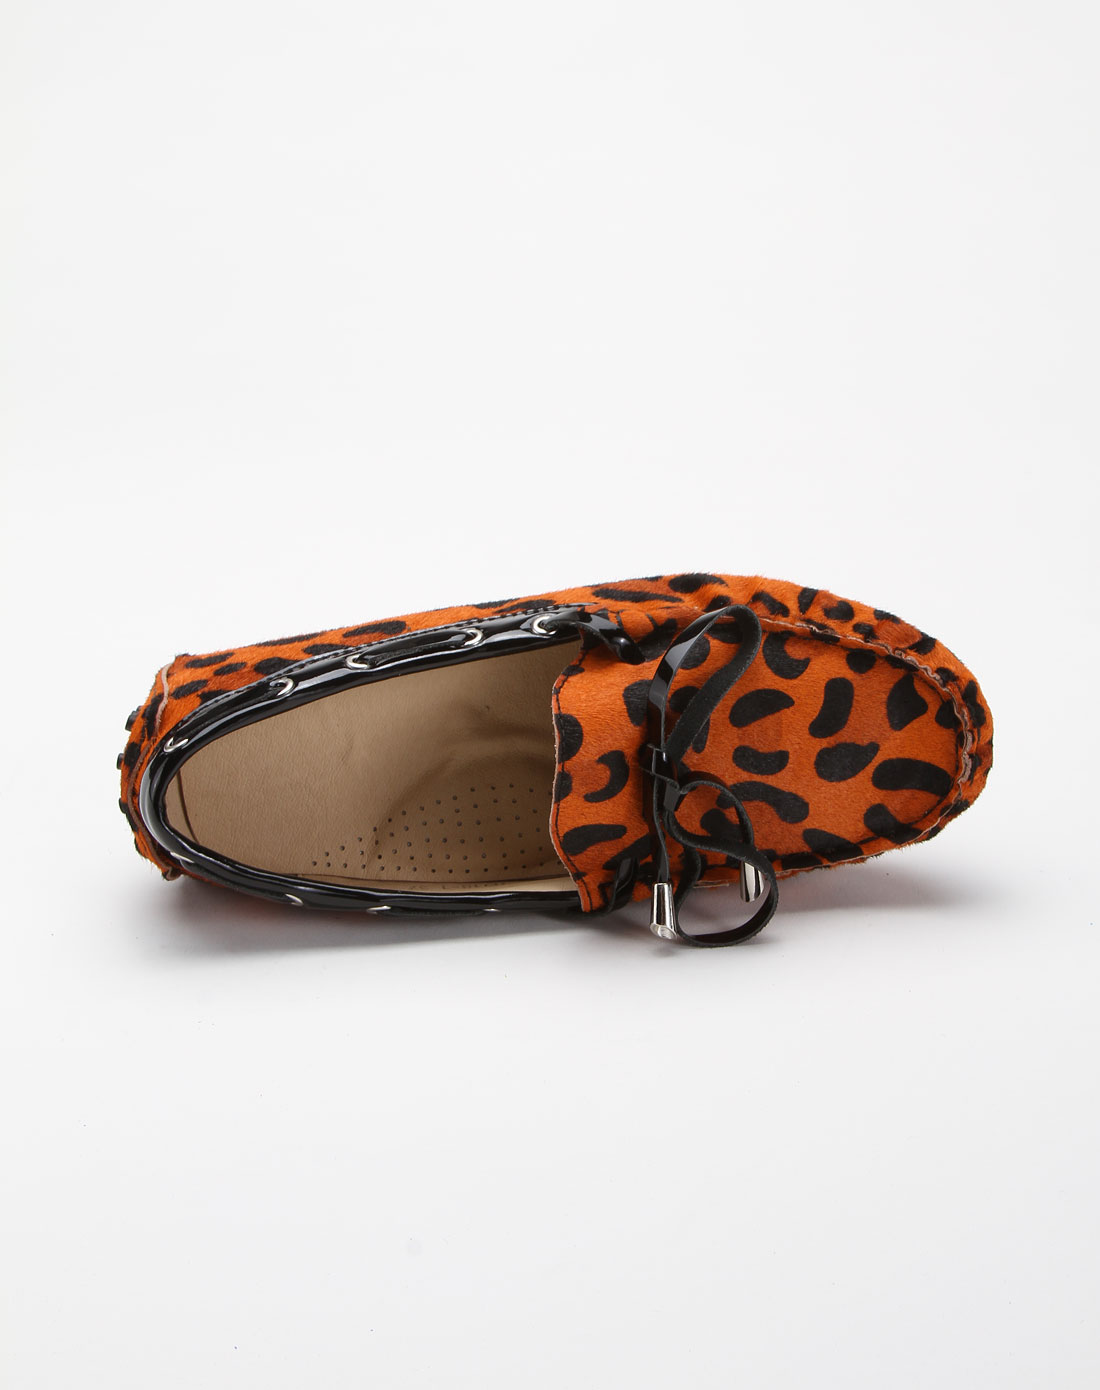 justivme豹纹橘色休闲鞋0018-1橘色豹纹